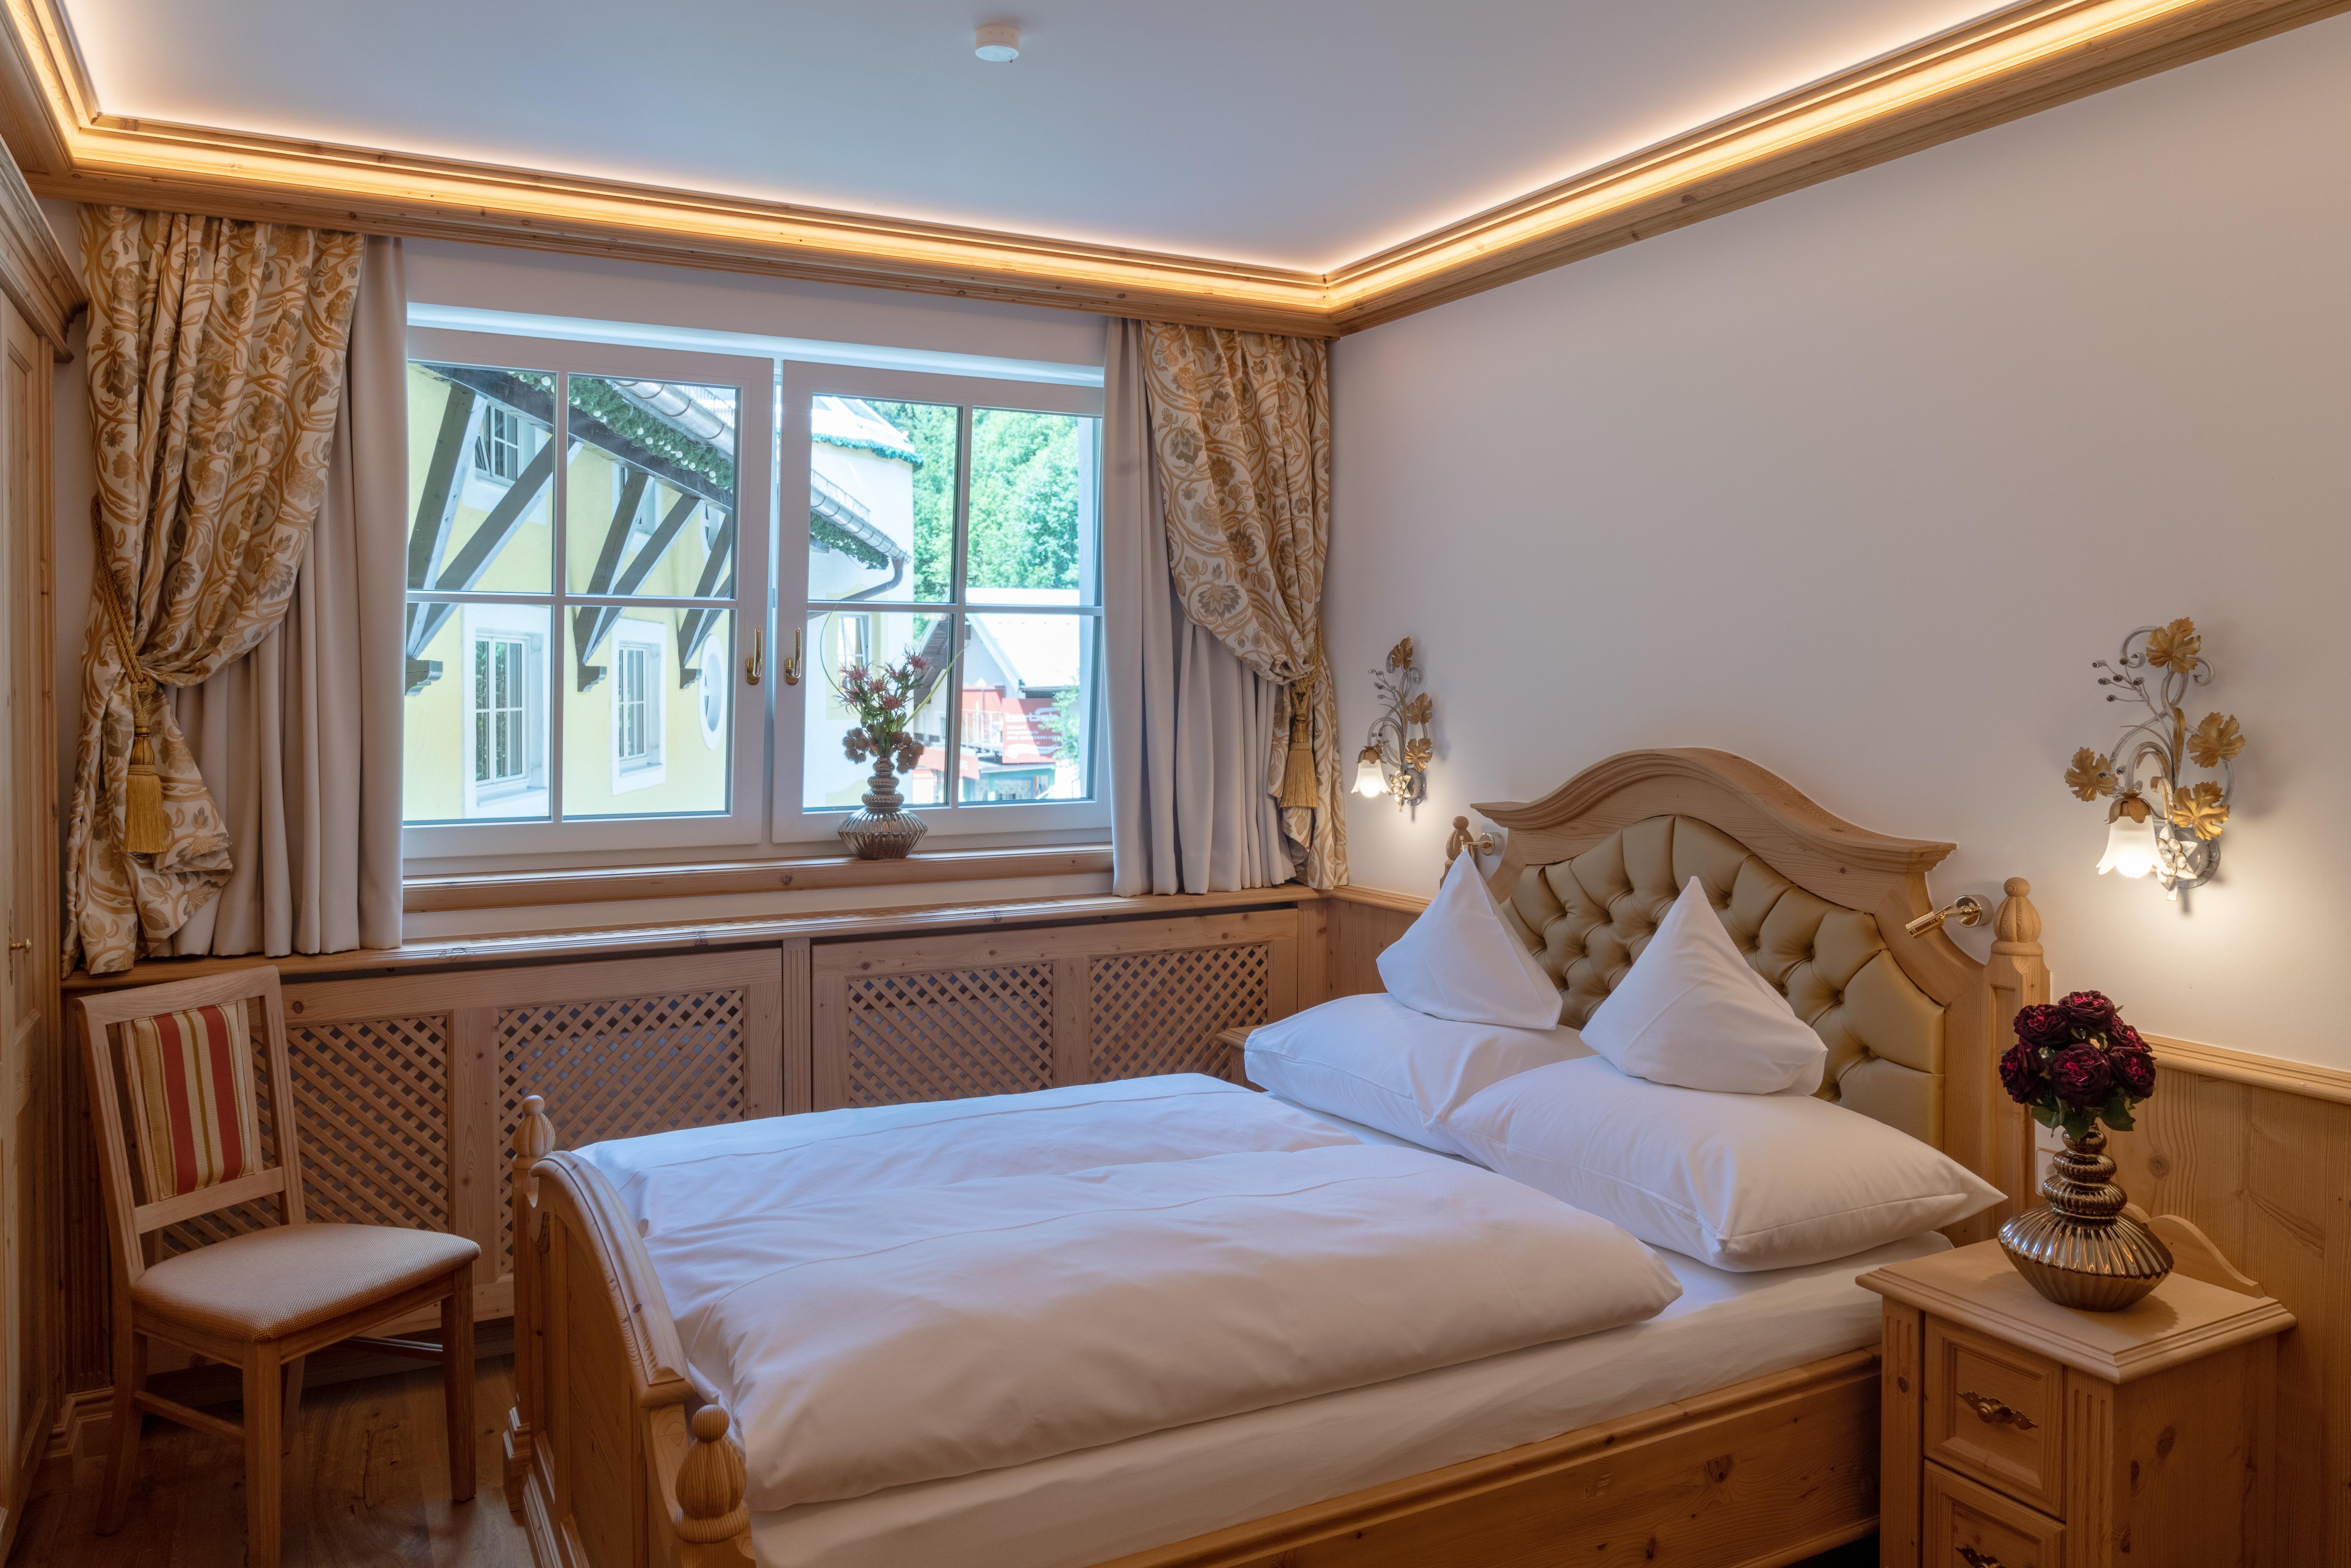 Hervorragendes Preis-Leistungsverhältnis beim Standardzimmer Luna - Hotel Via Salina